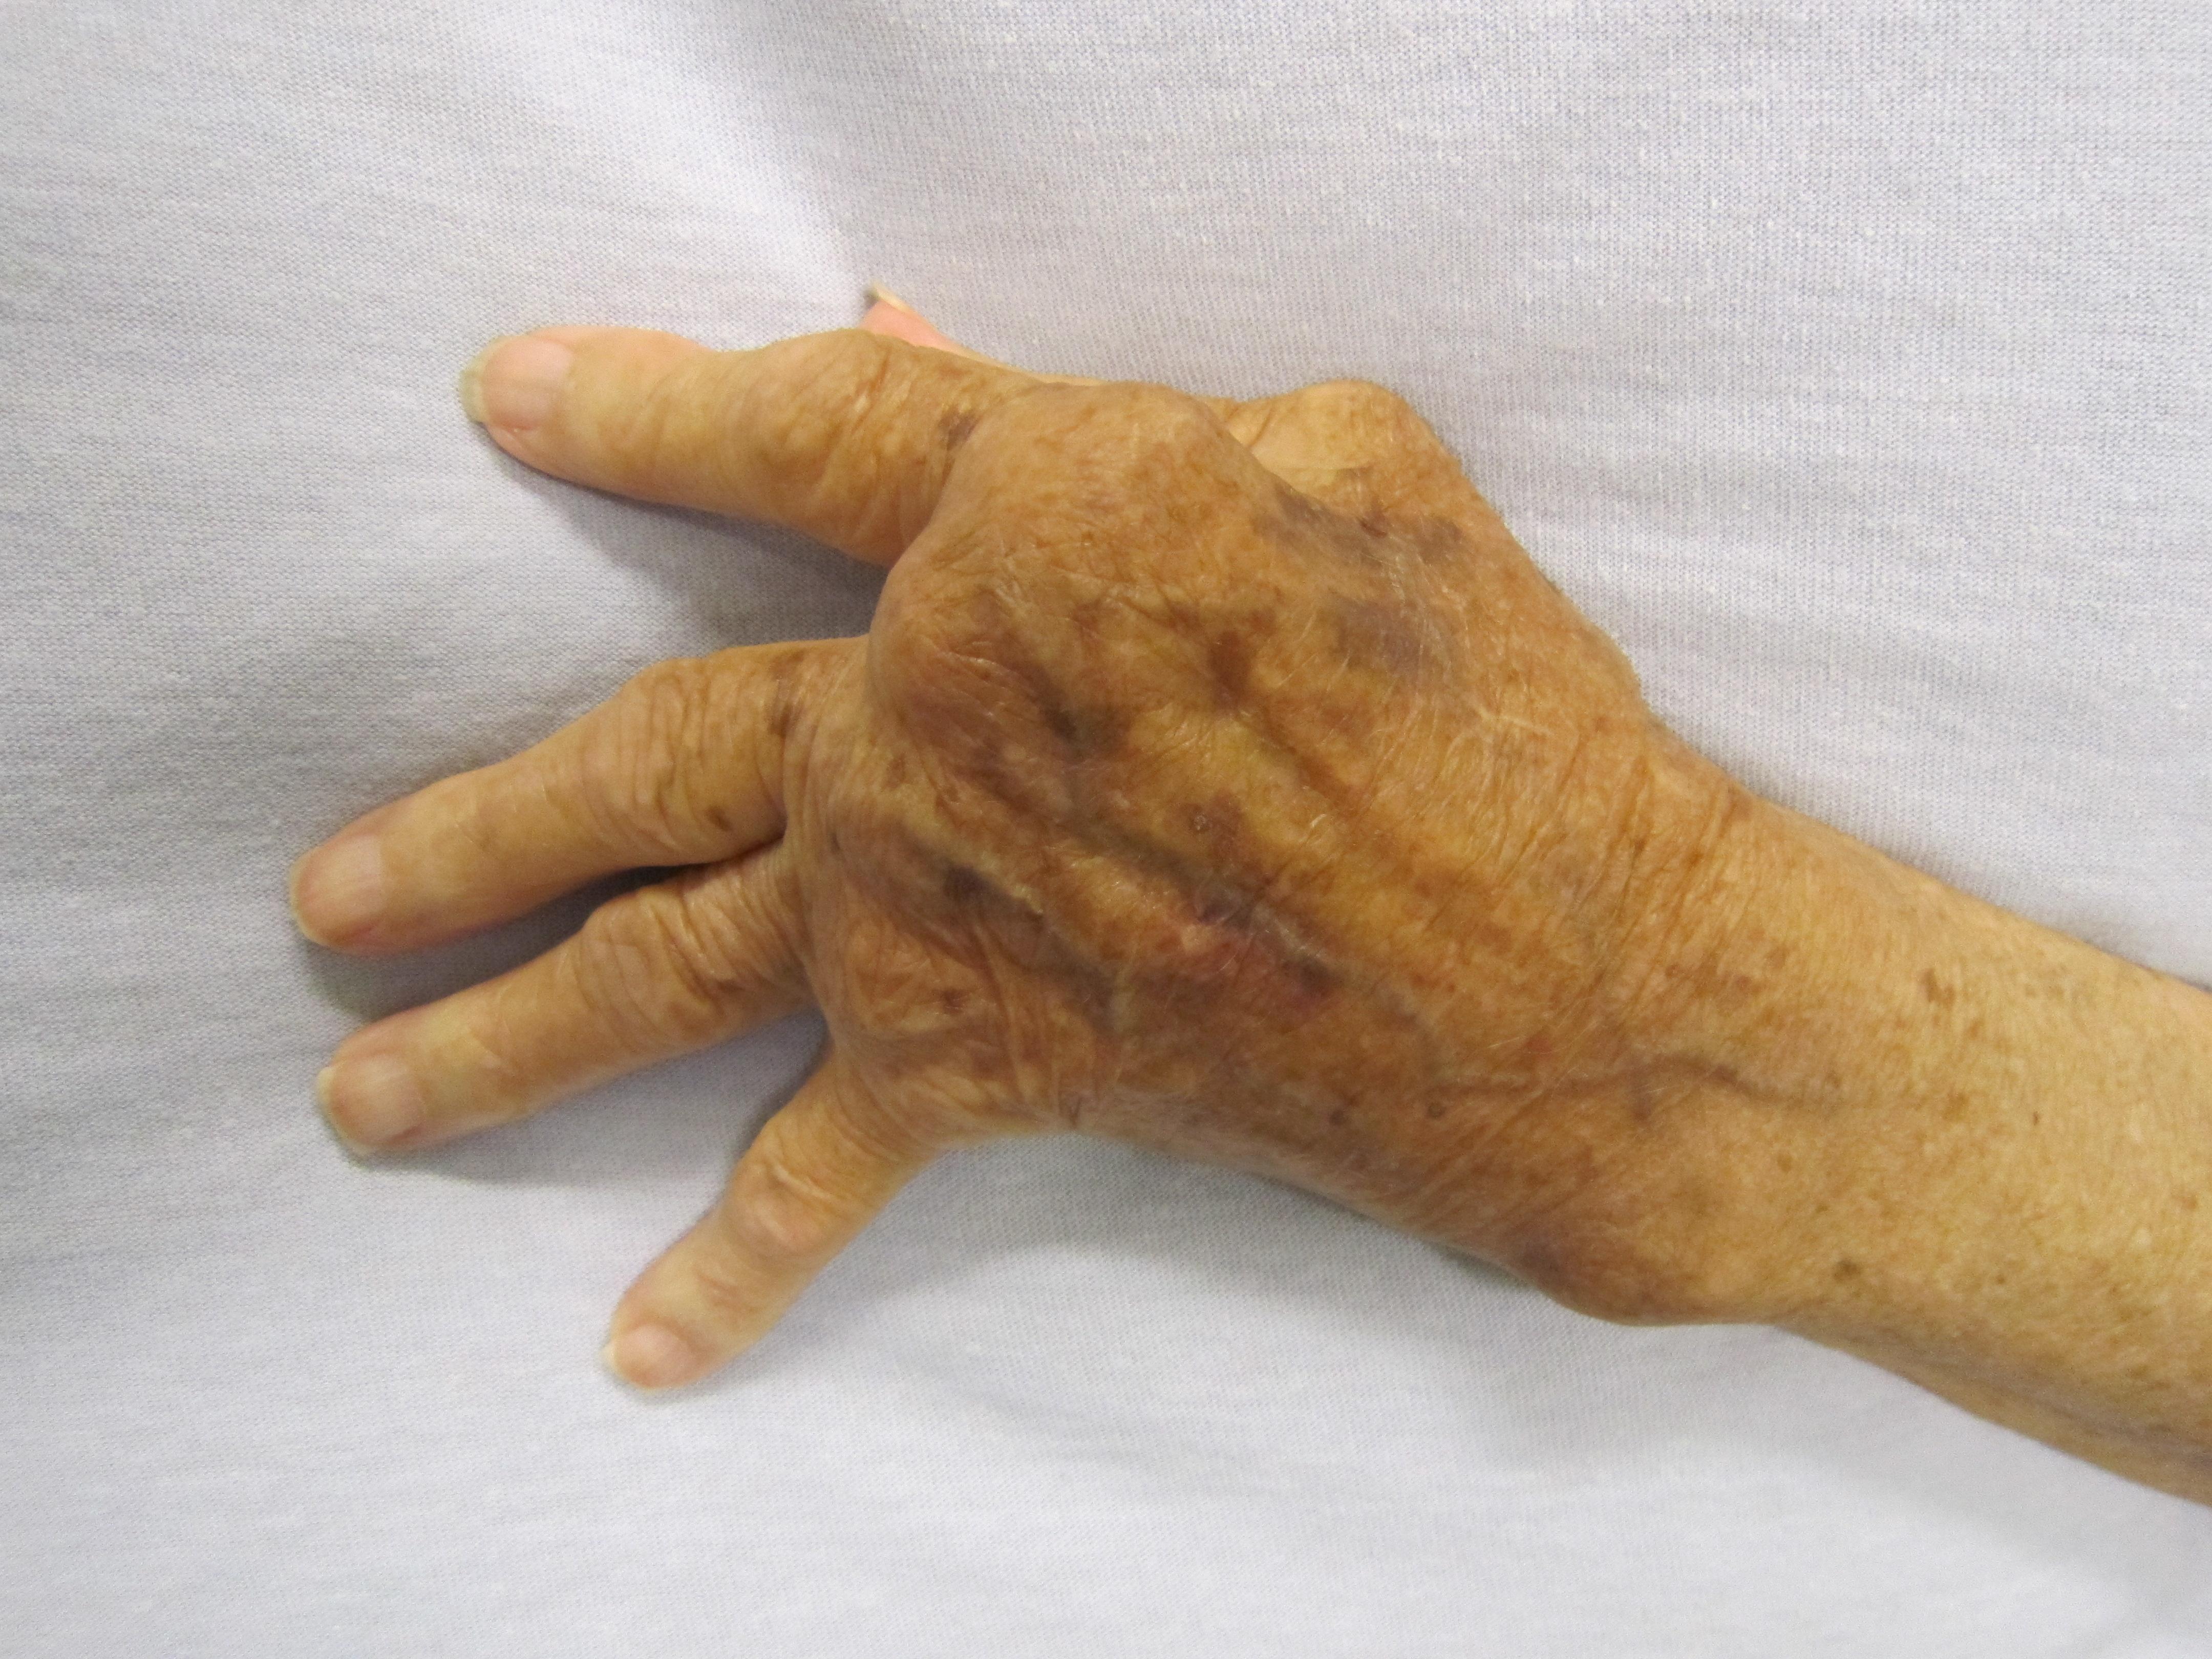 fájdalomcsillapító gyógyszerek a kéz ízületeiben)